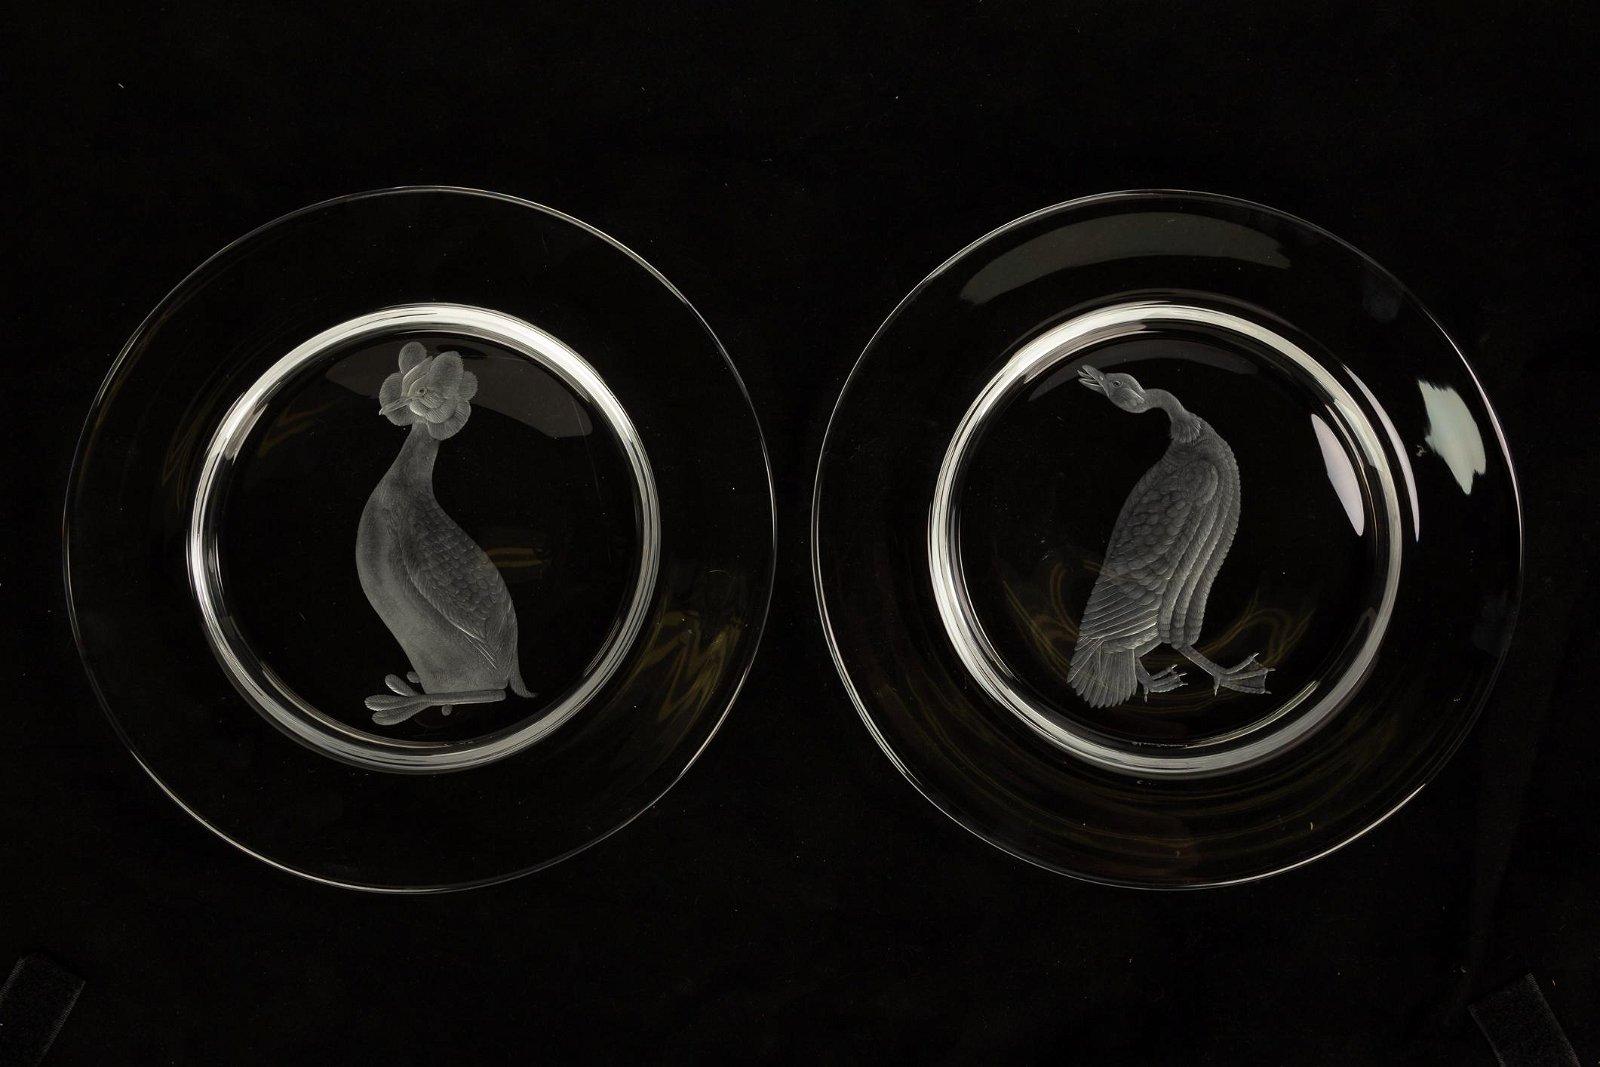 Eleven Clear Steuben Audubon Plates